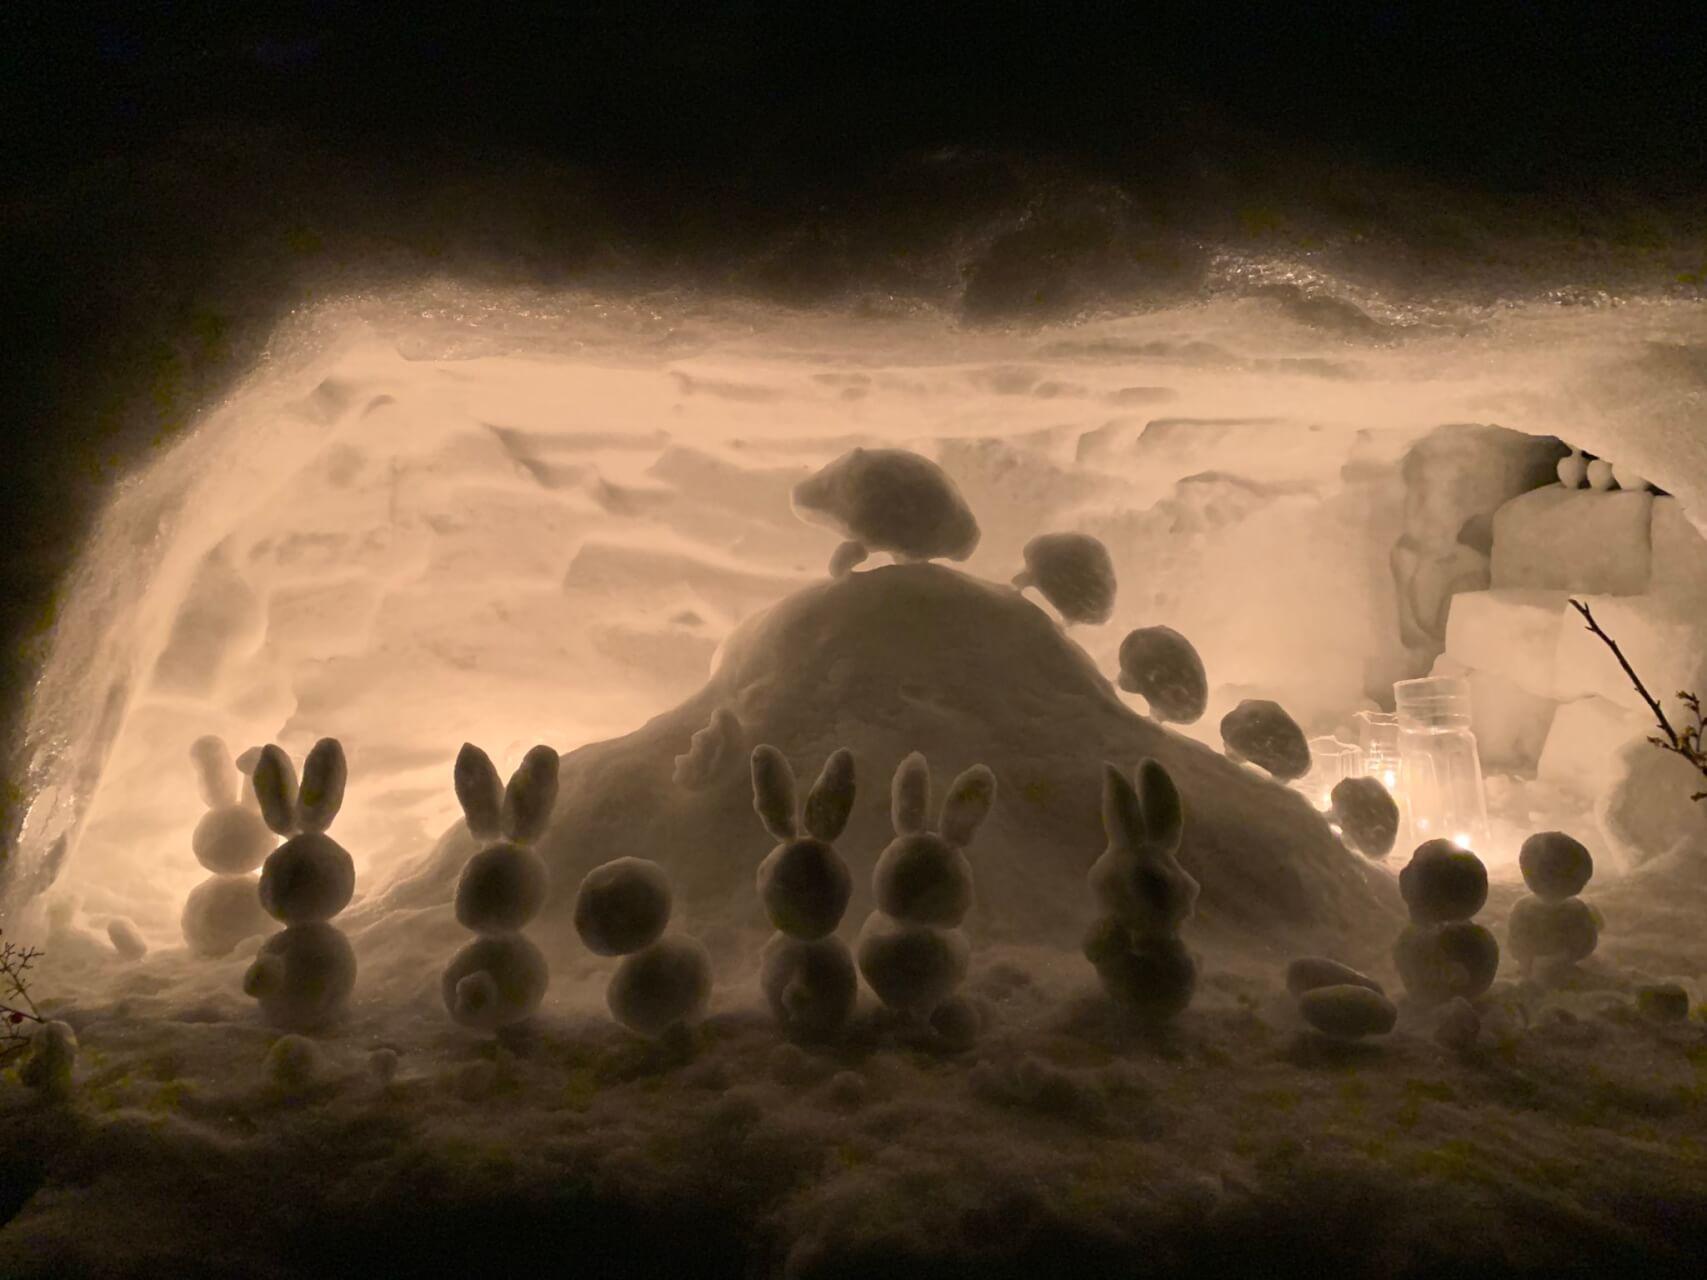 【国内・東北】 月山志津温泉の雪旅籠 冬の東北物語